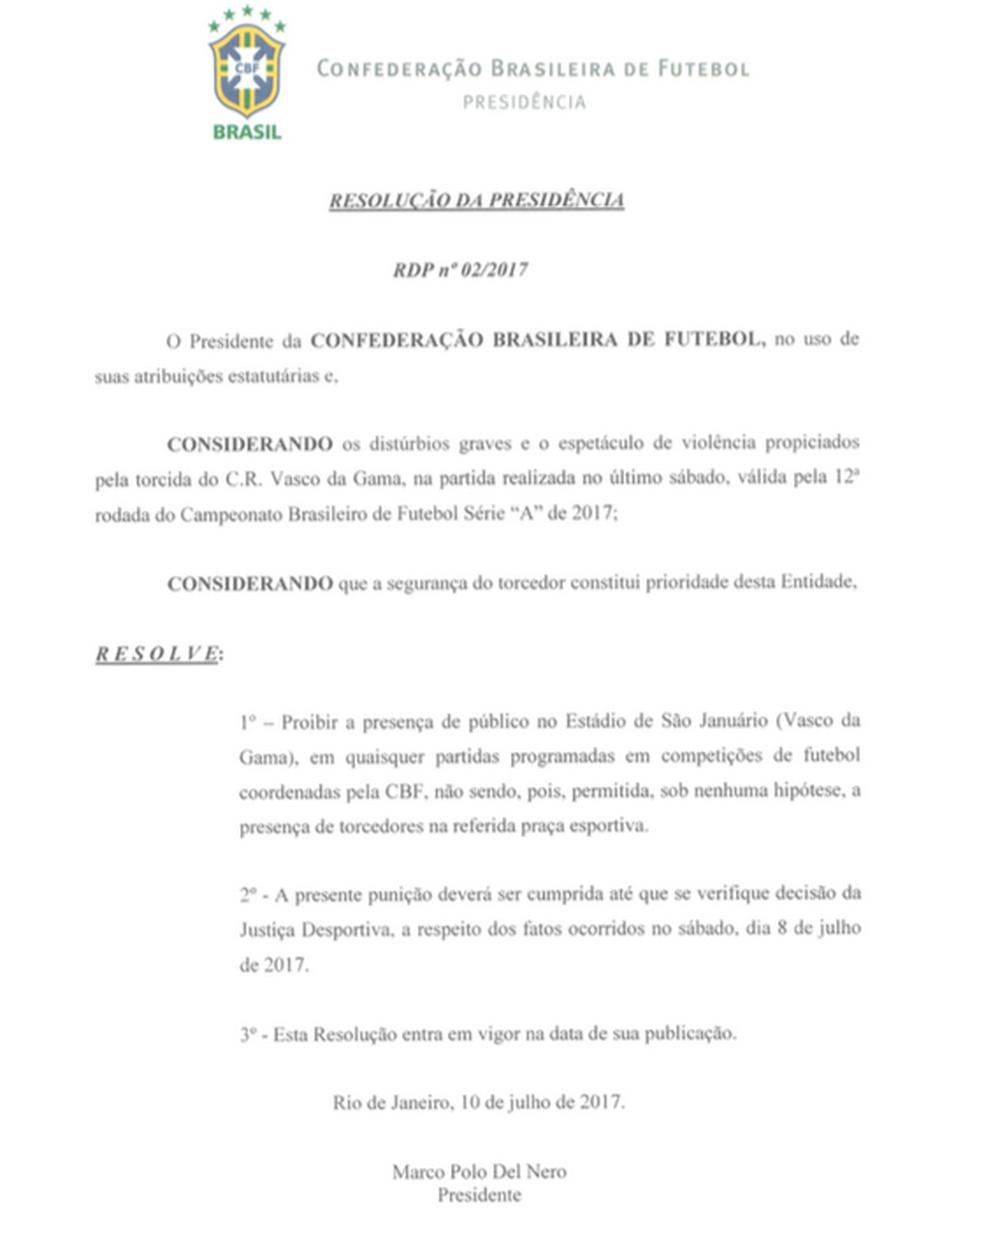 Documento da CBF assinada por Marco Polo Del Nero (Foto: Reprodução)